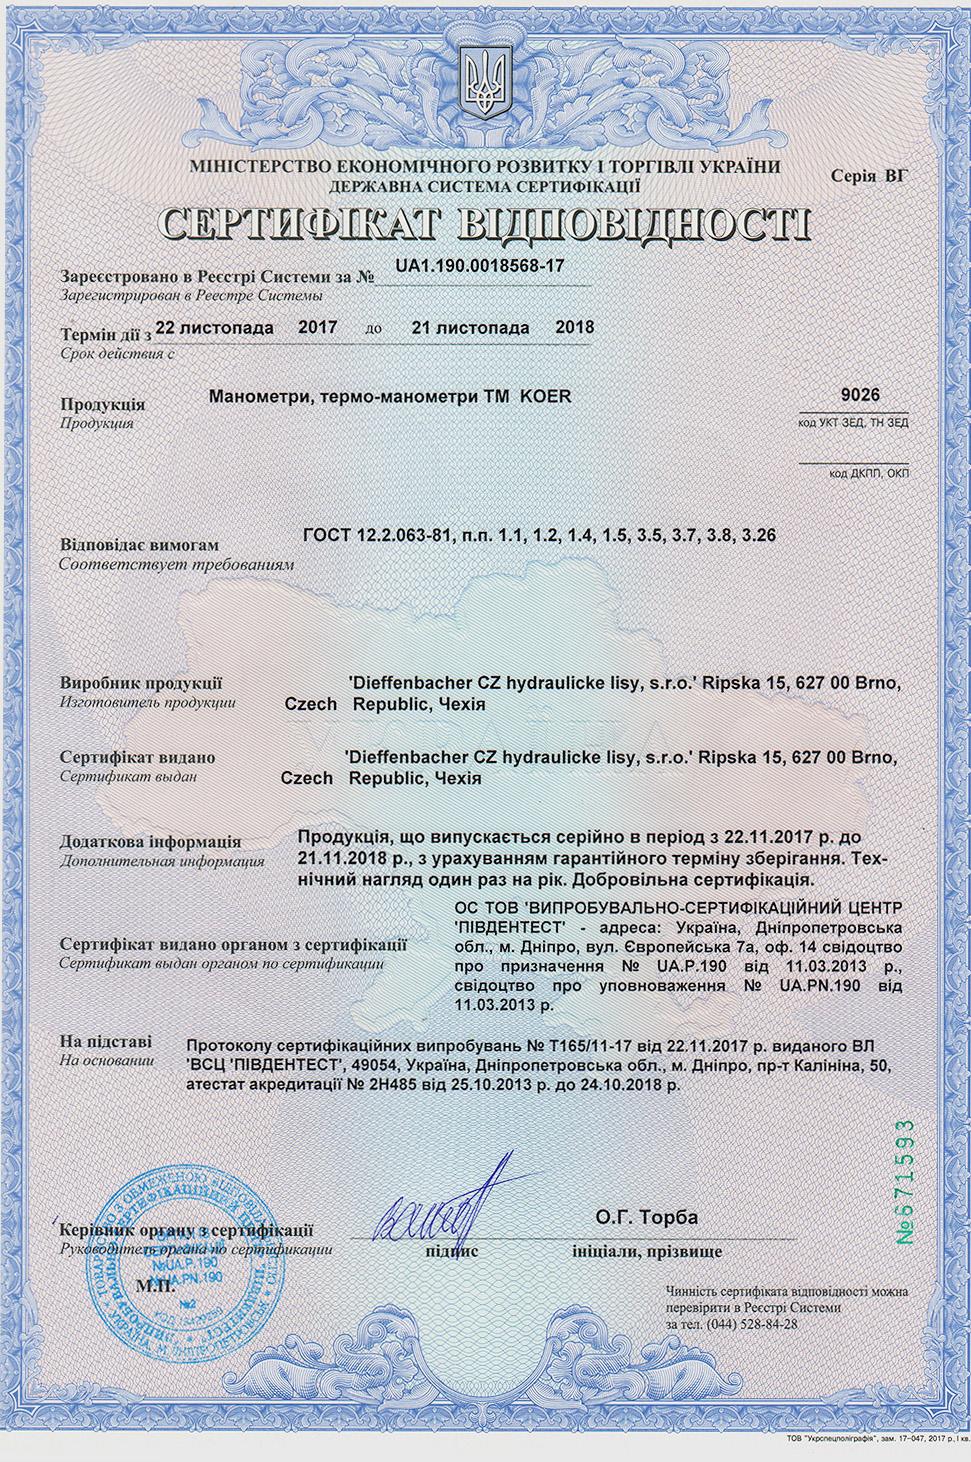 Сертификат, koer_ser_man.jpg